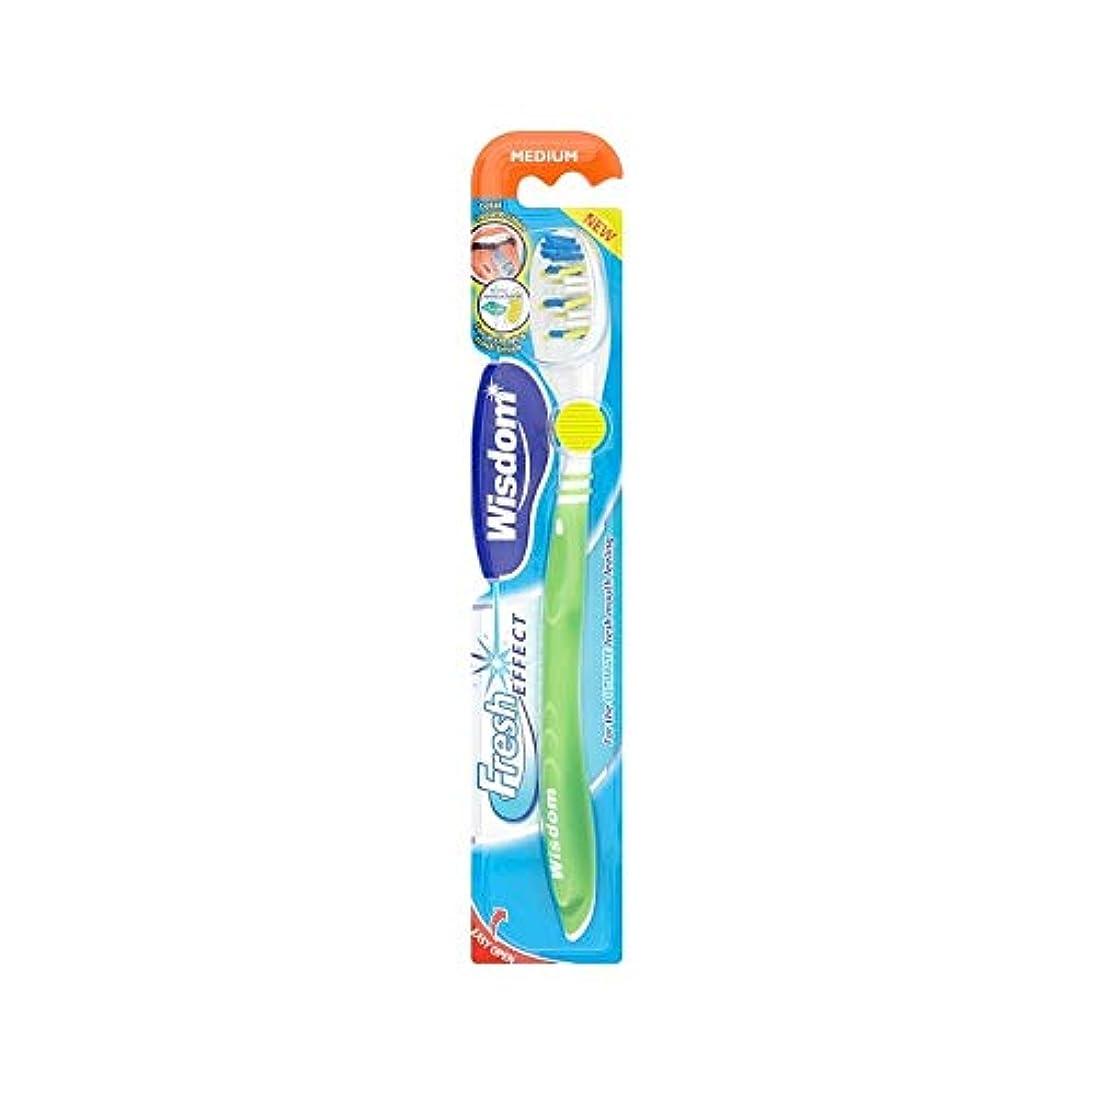 深める脚本家戦い[Wisdom ] 10の知恵フレッシュ効果メディア歯ブラシパック - Wisdom Fresh Effect Medium Toothbrush Pack of 10 [並行輸入品]